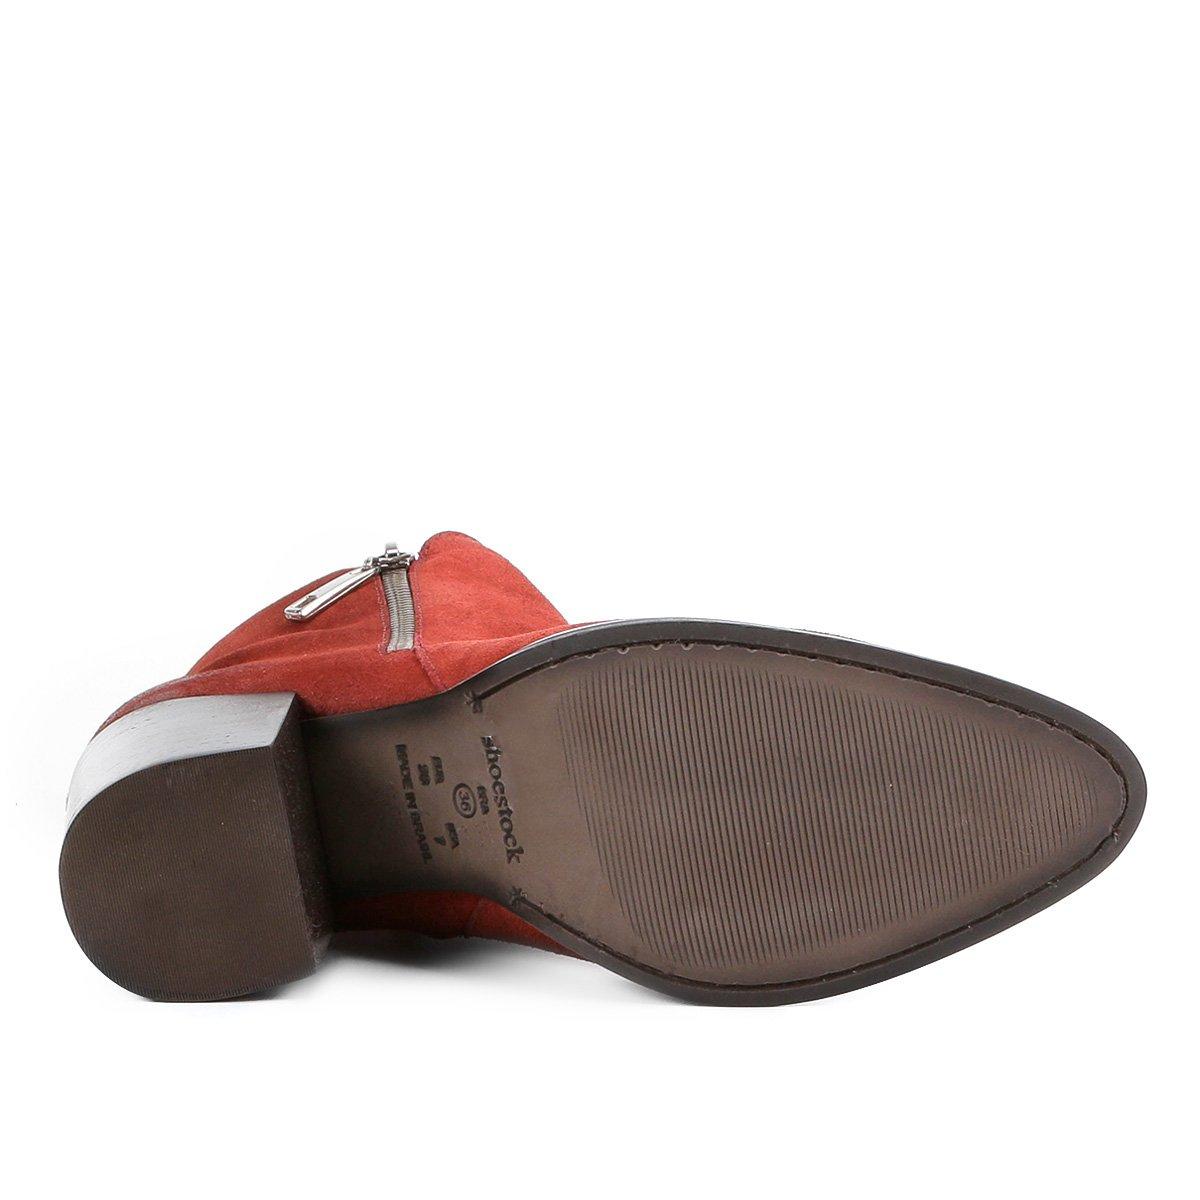 4eb67dfeb8 Feminina Couro Bota Bloco Compre Agora Curto Shoestock Cano Salto 4BdBYxA